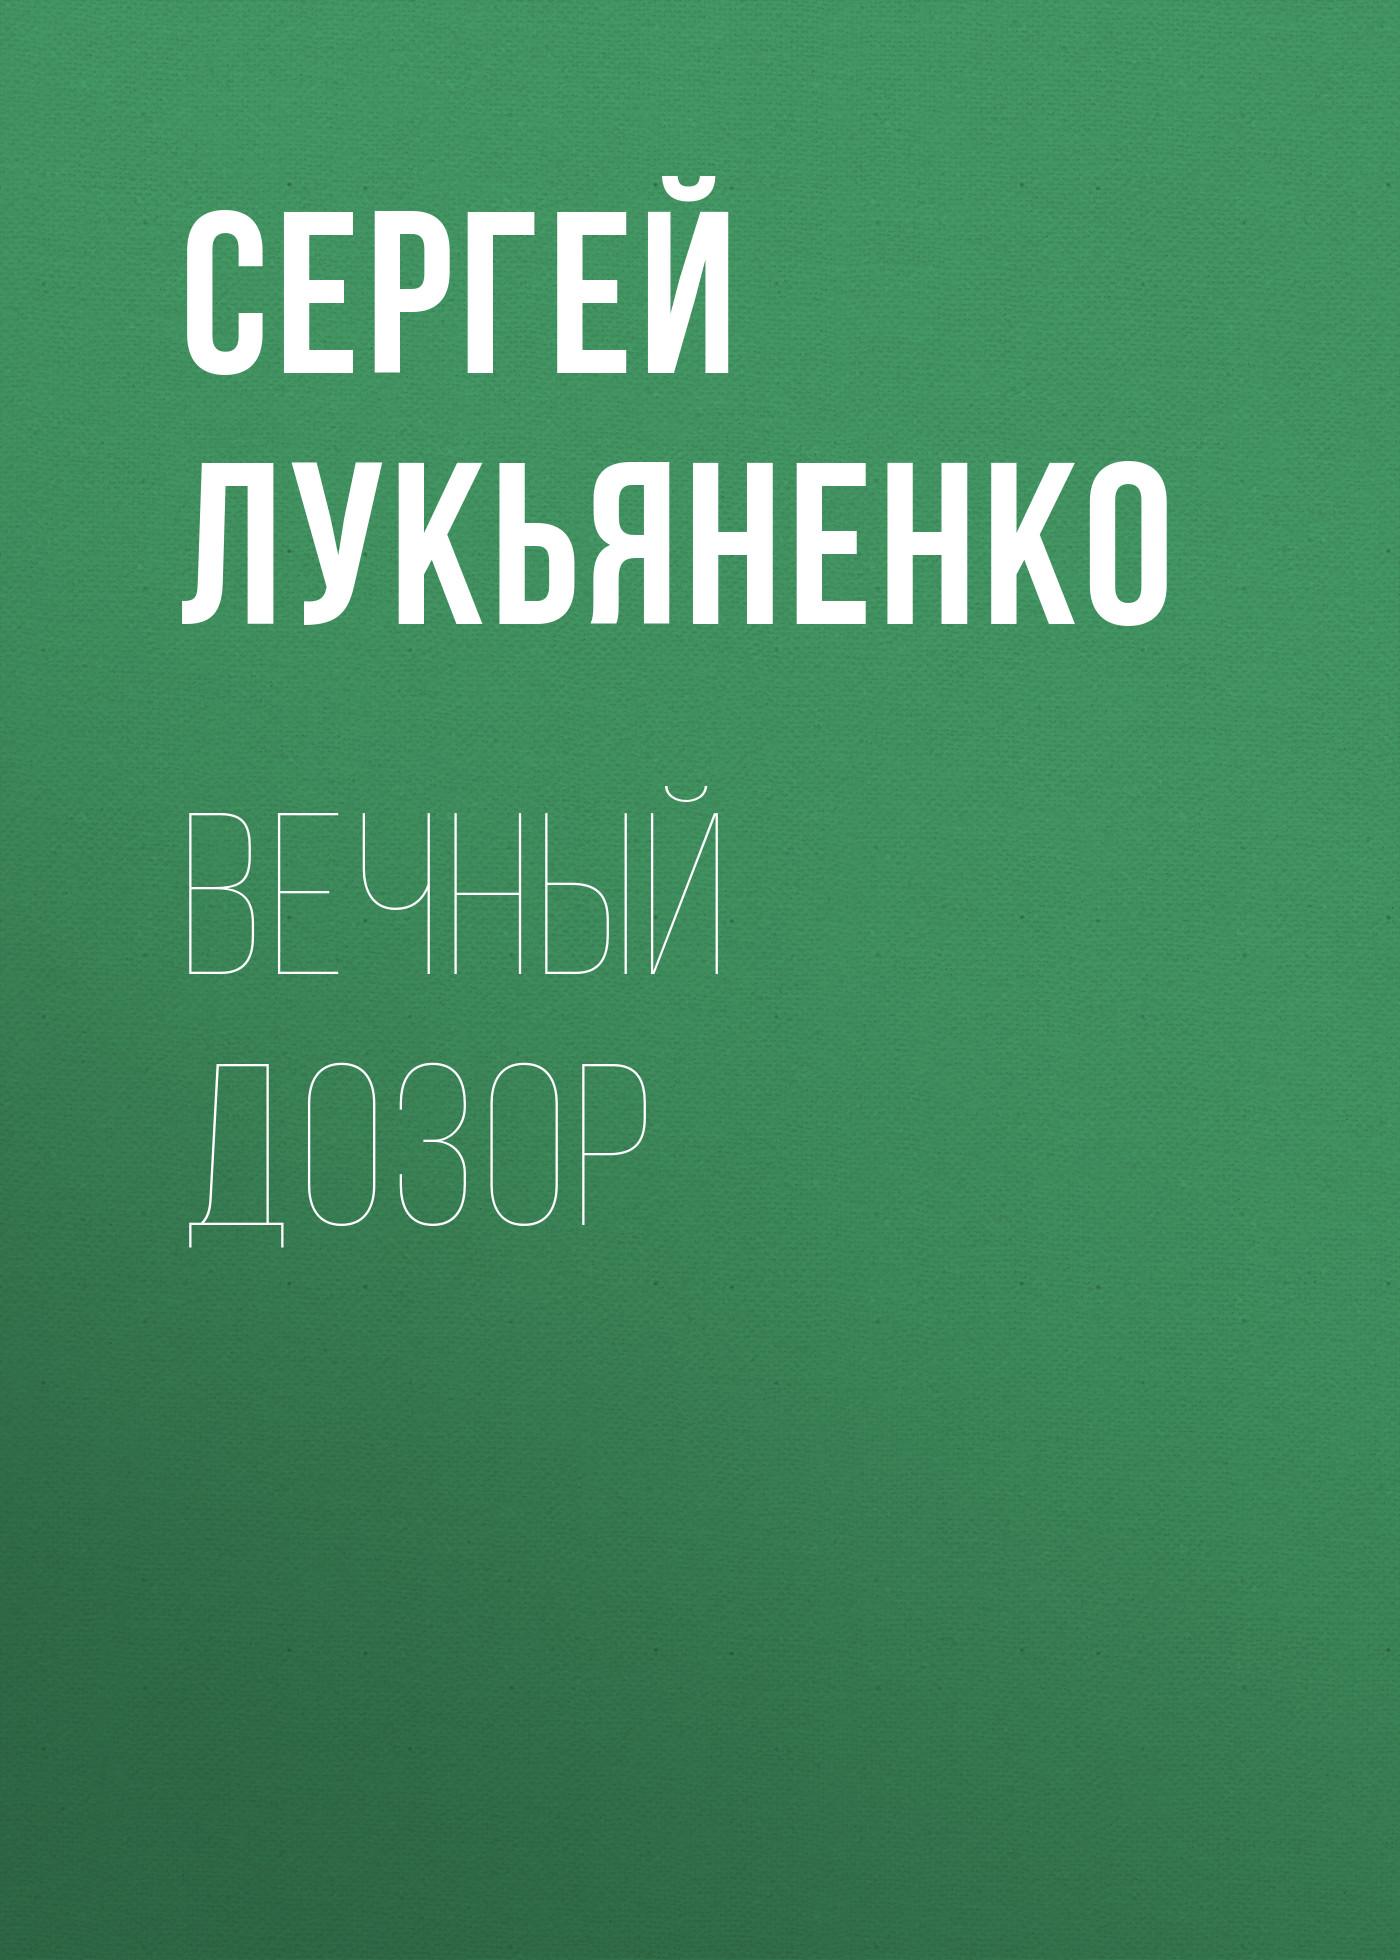 Сергей Лукьяненко Вечный дозор сергей лукьяненко от судьбы